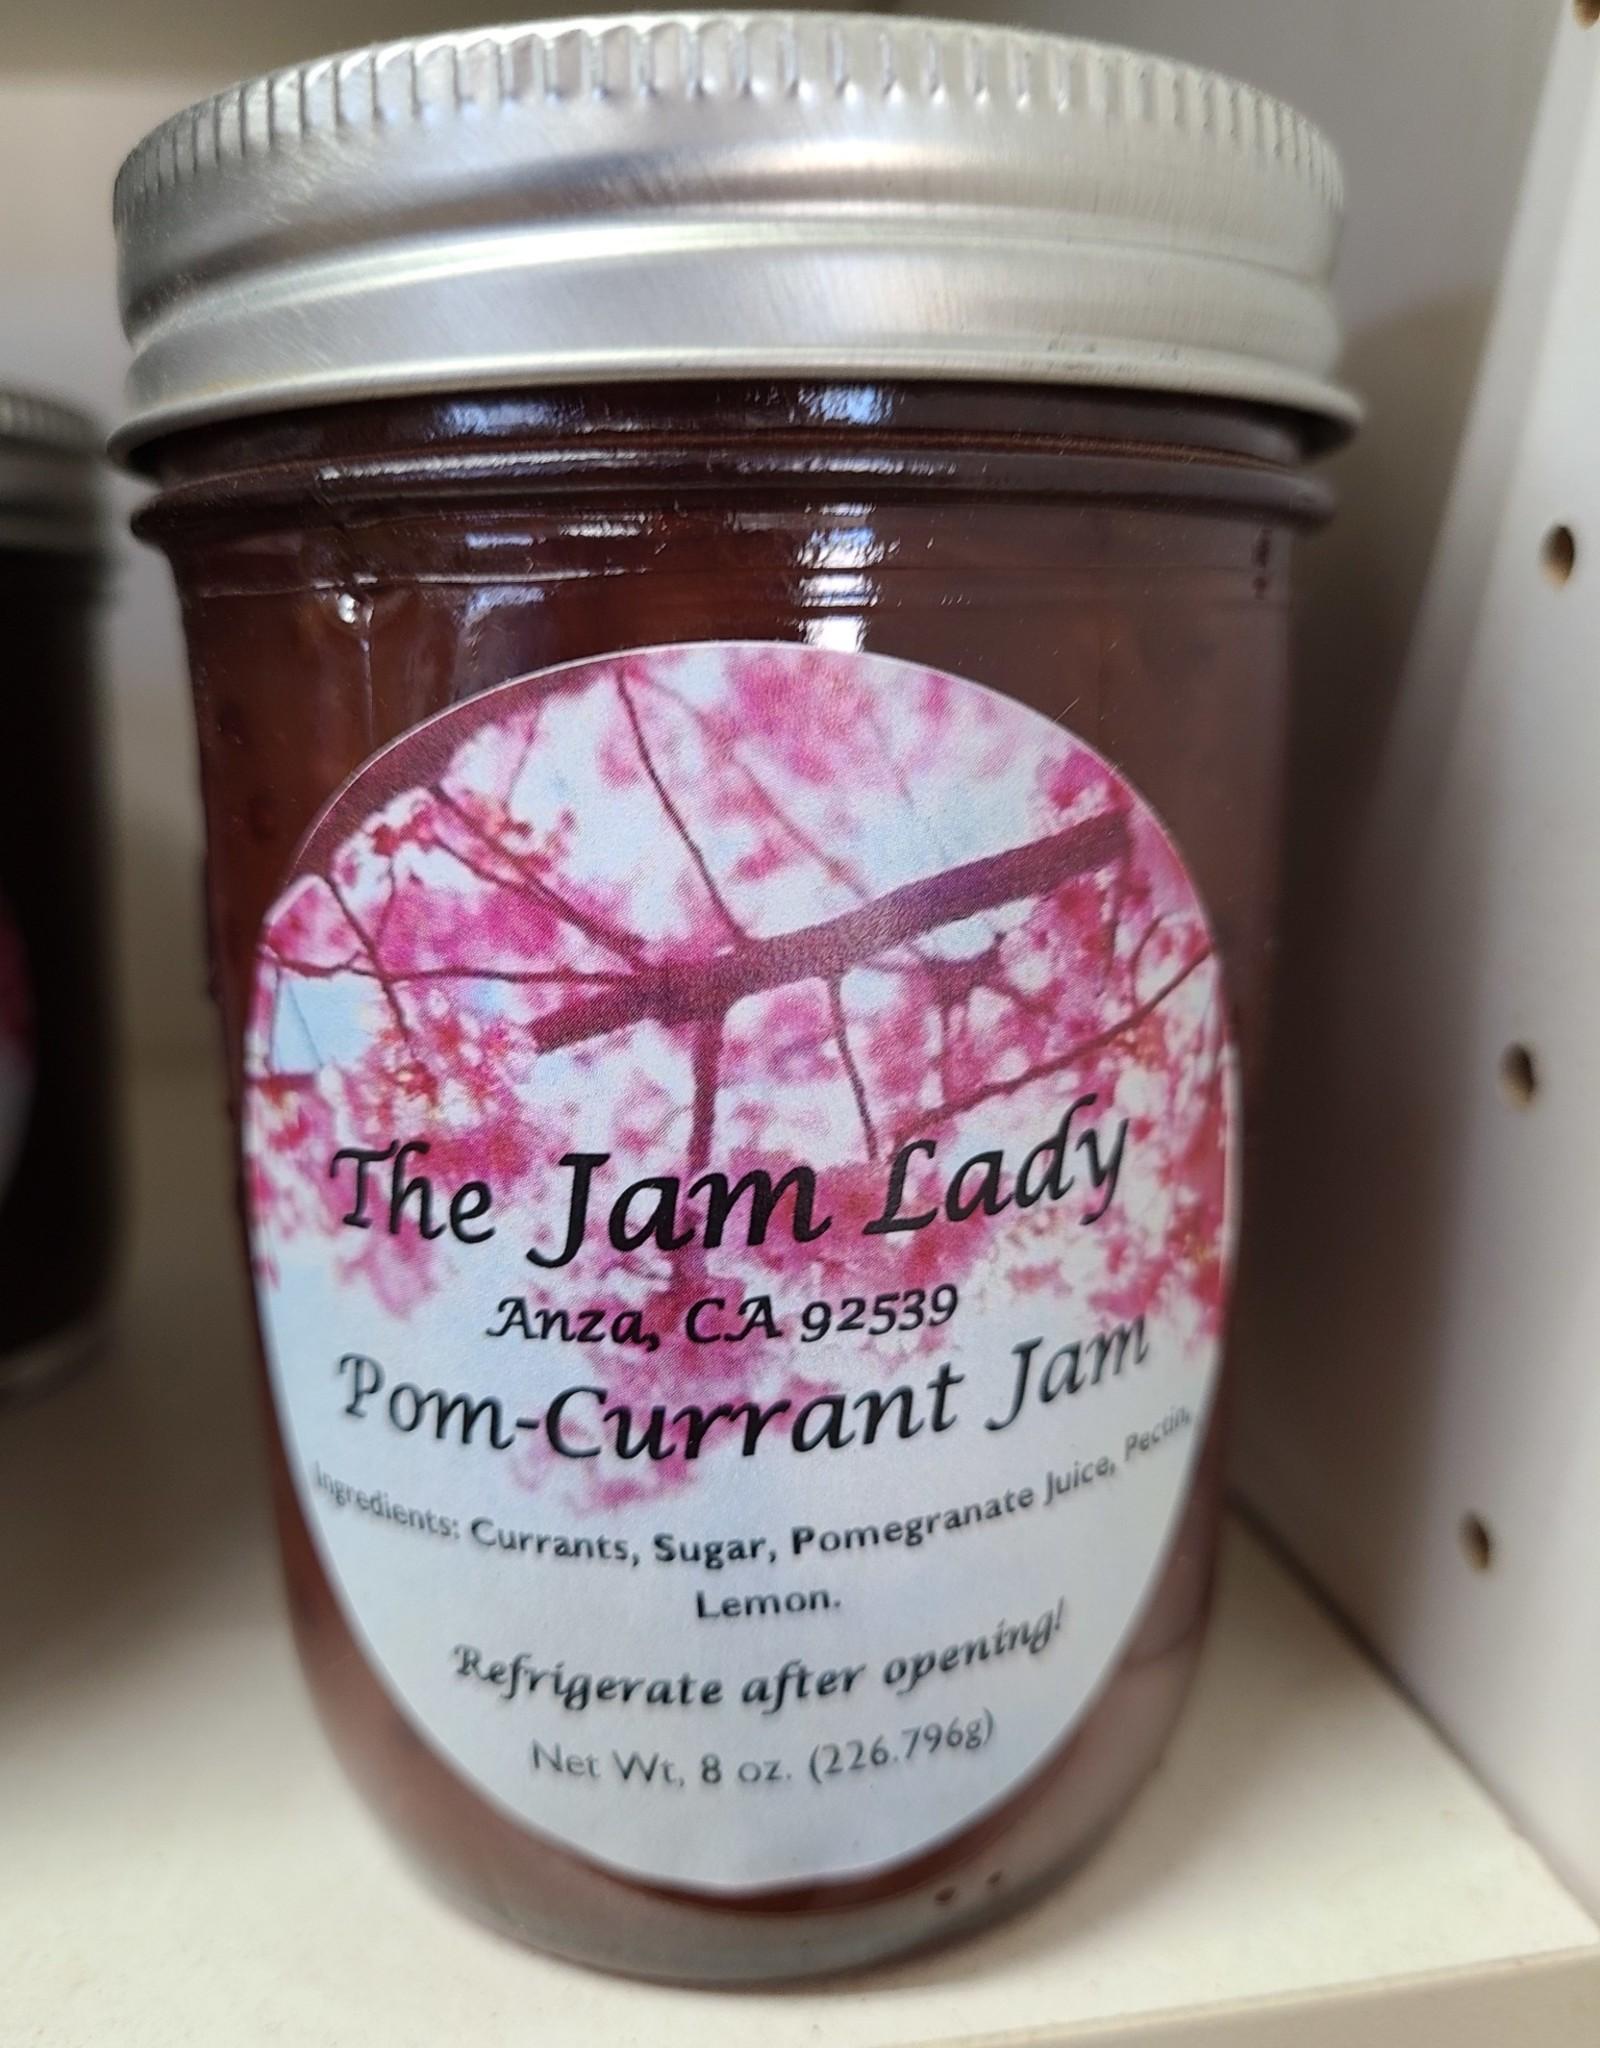 Pom-Currant Jam